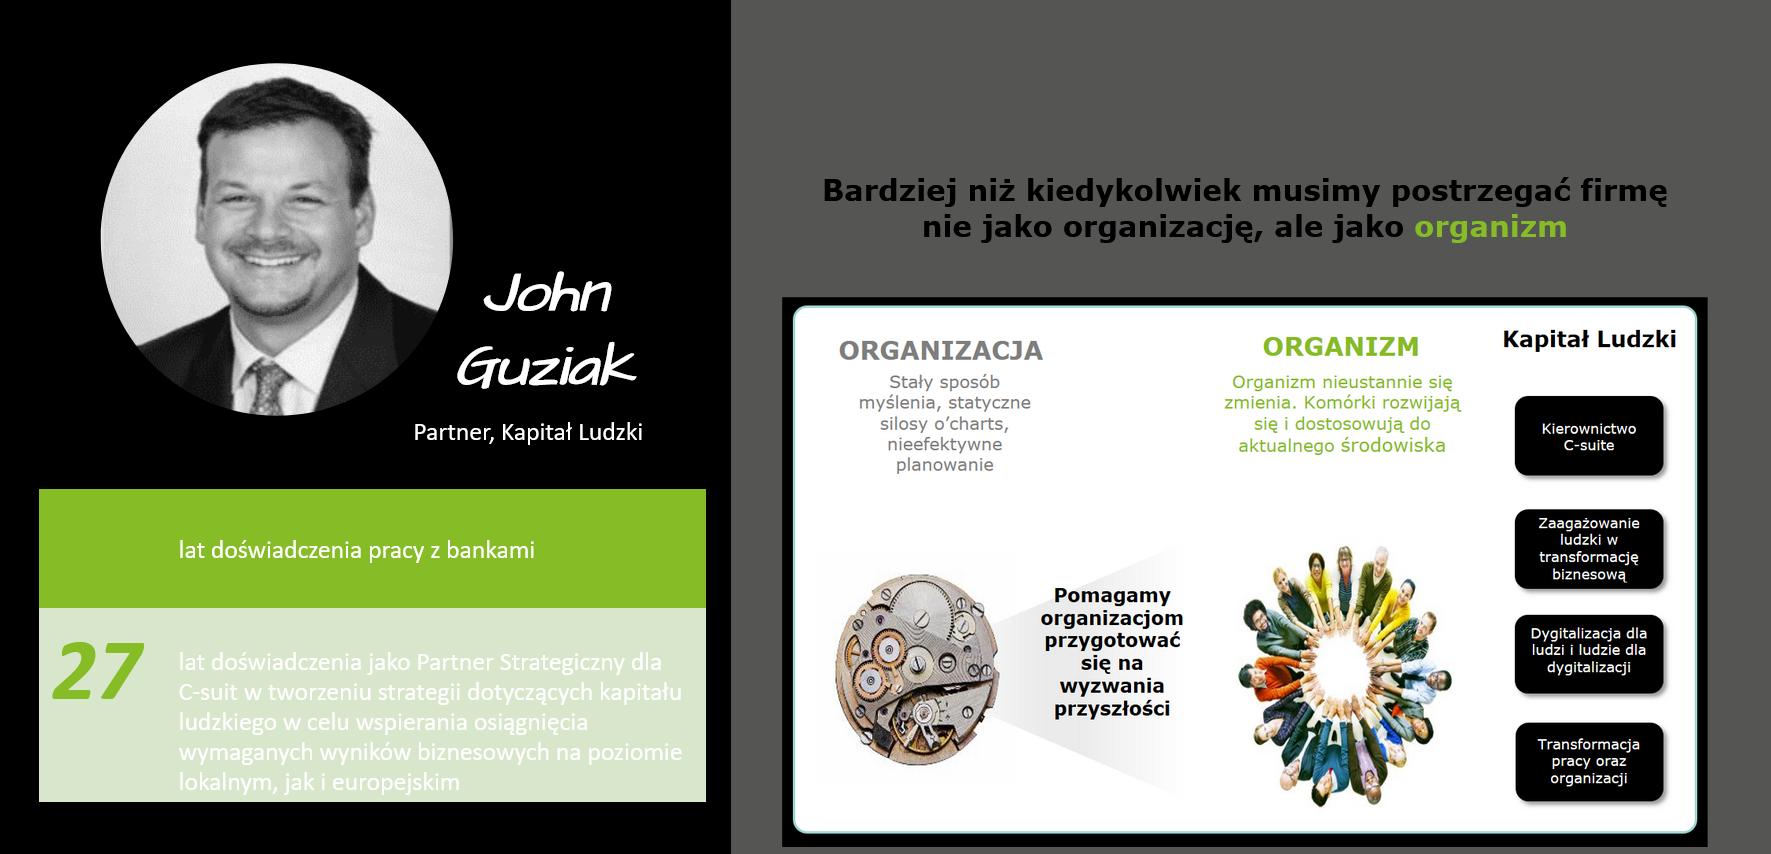 PRACA ZDALNA IHYBRYDOWA - konferencja ICAN Management Review - RELACJA